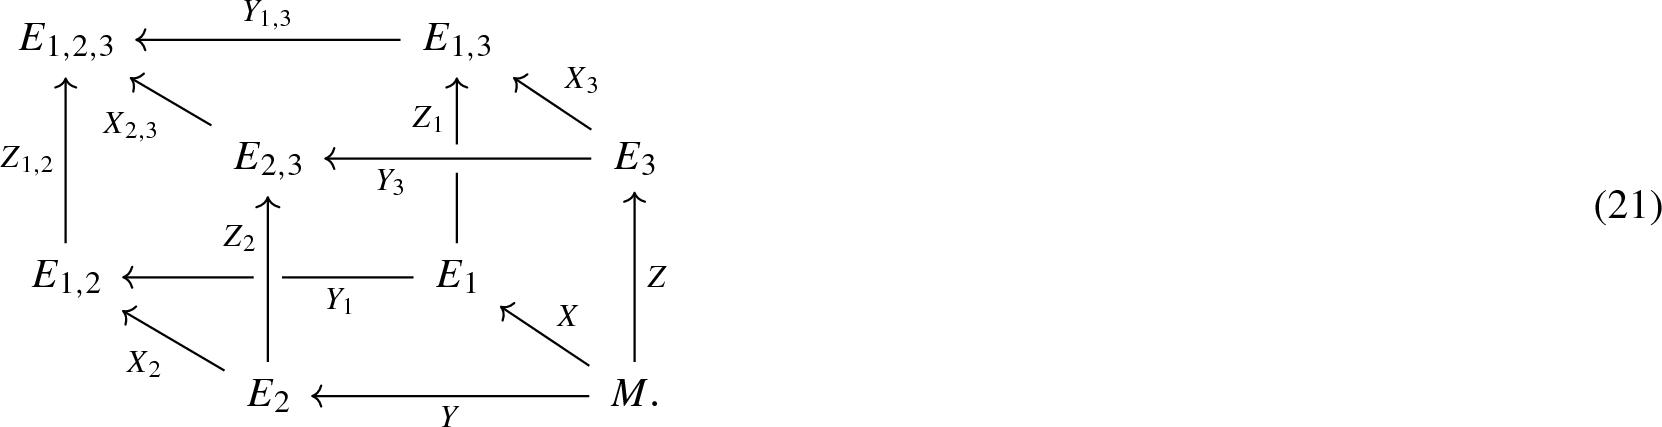 Warps, grids and curvature in triple vector bundles   SpringerLink on